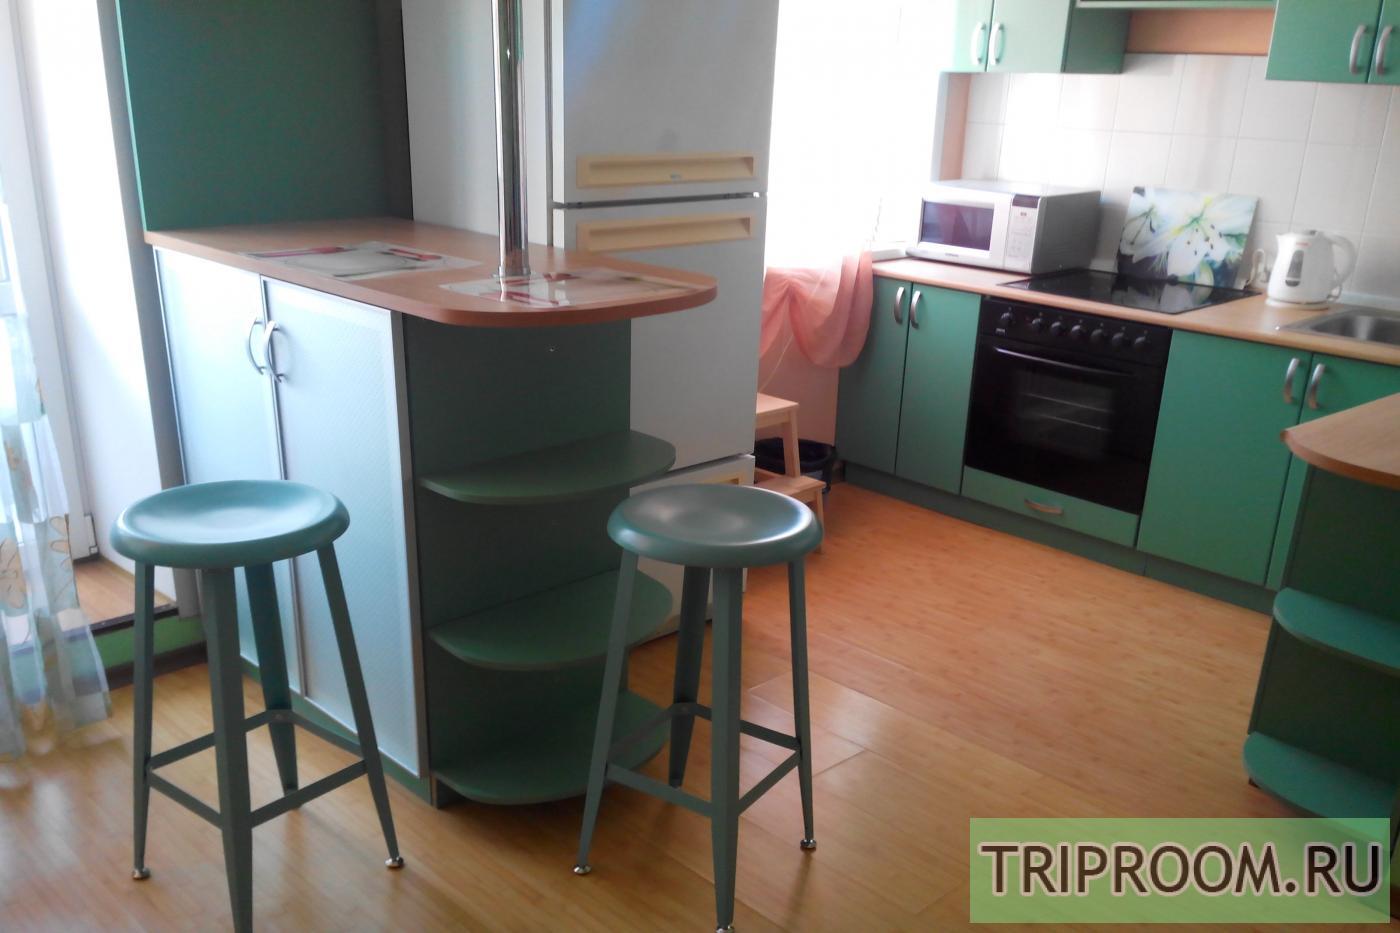 1-комнатная квартира посуточно (вариант № 8940), ул. Советская улица, фото № 9